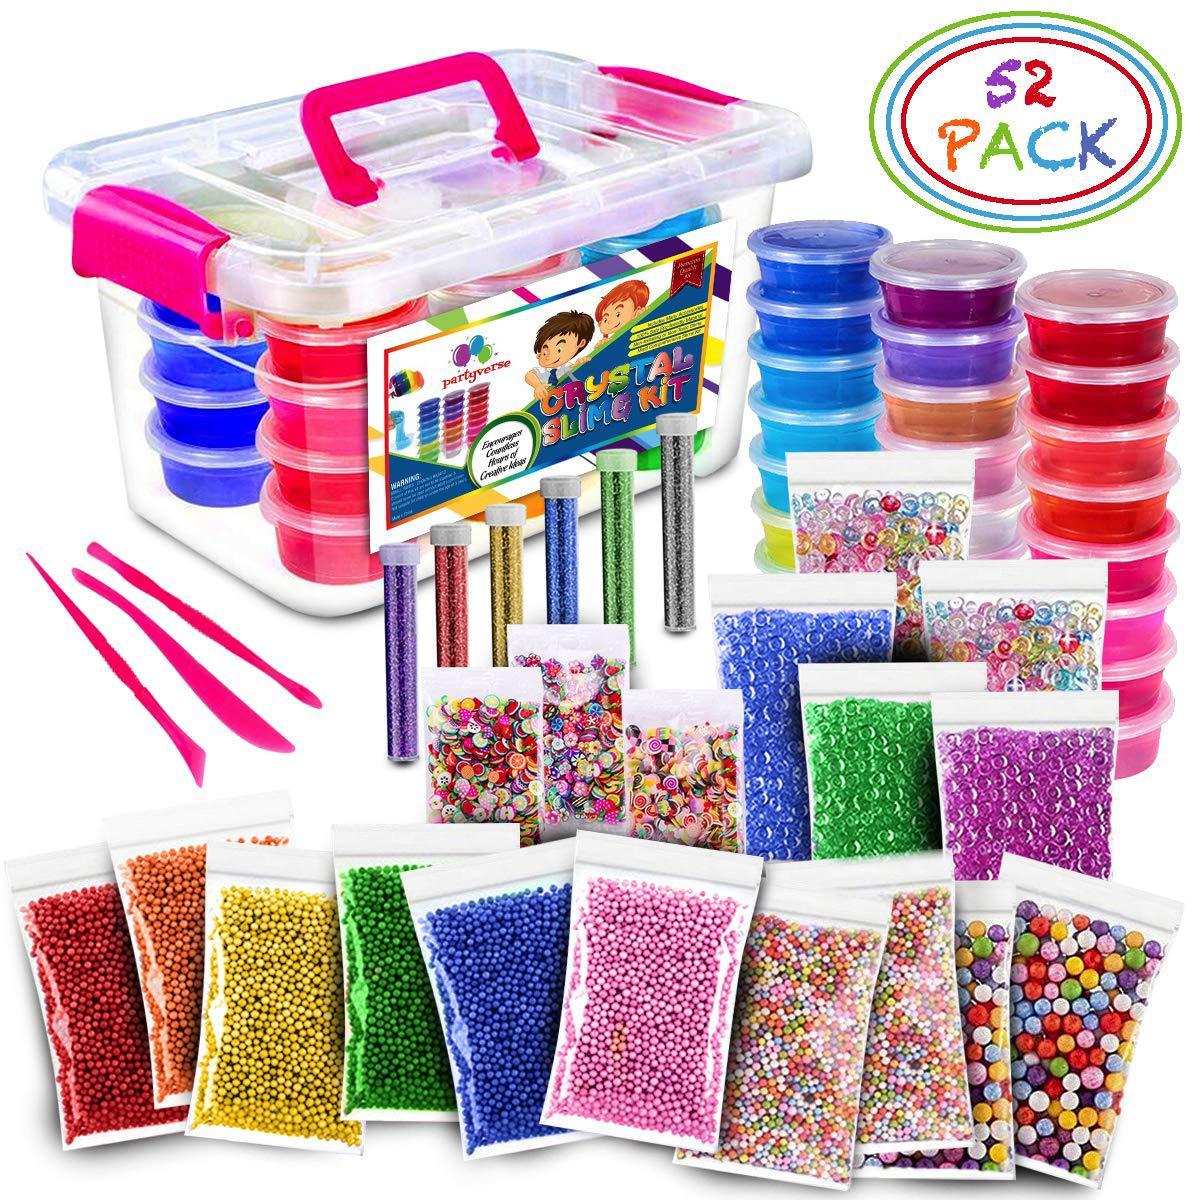 52 pacote/lote Fofo Kit 24 Slime Slime Cor Suprimentos Presentes para crianças DIY Kit Jogo Sensorial Stress Relief Toy Stretchy suave para As Crianças